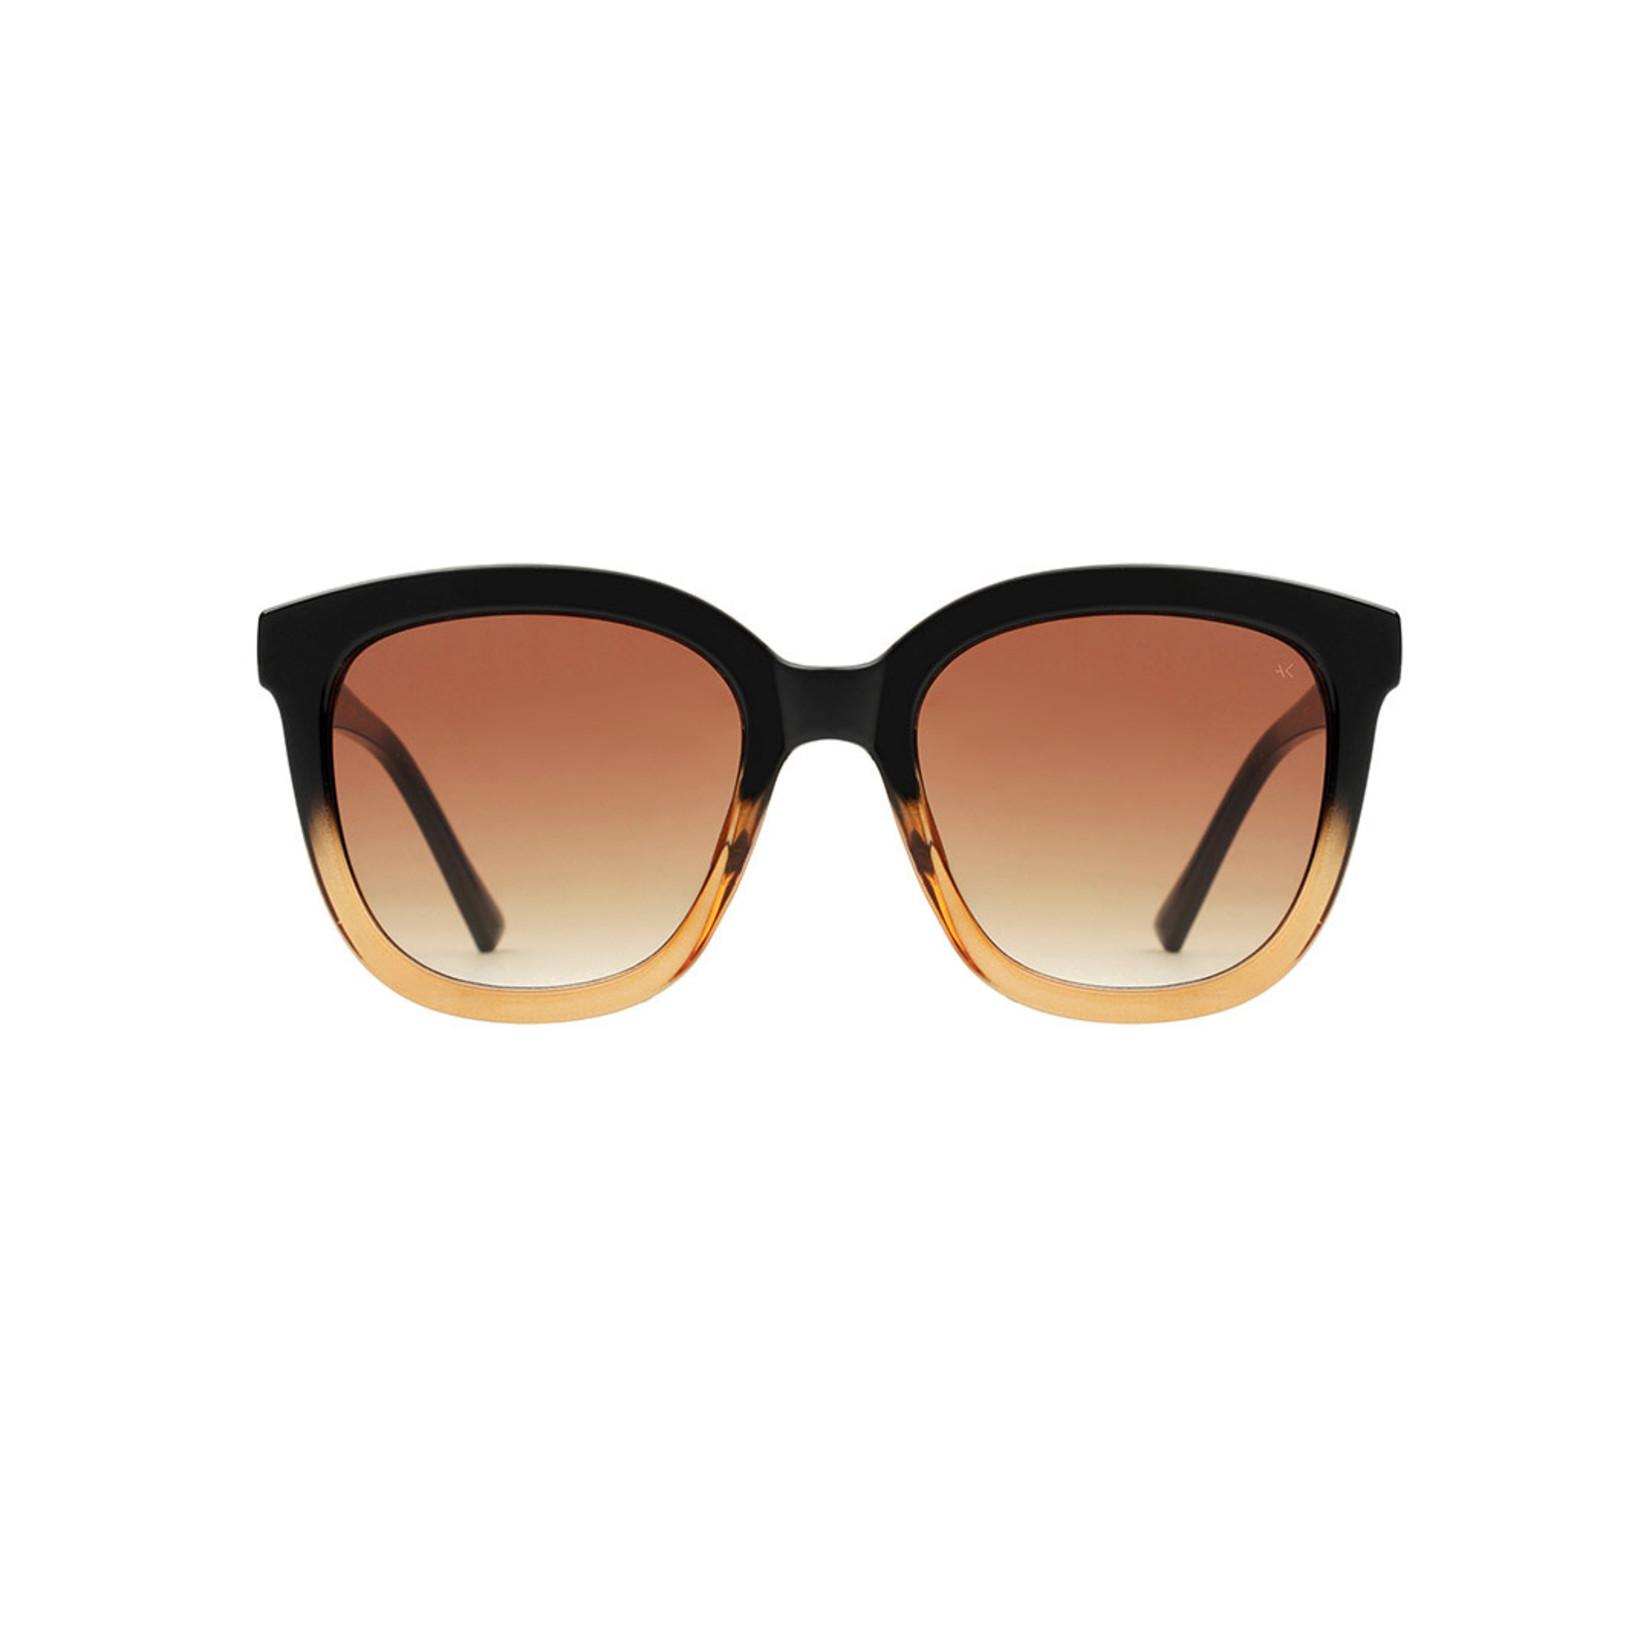 Kjearbede Kjearbede zonnebril Billy Black/Brown / KL2106-005